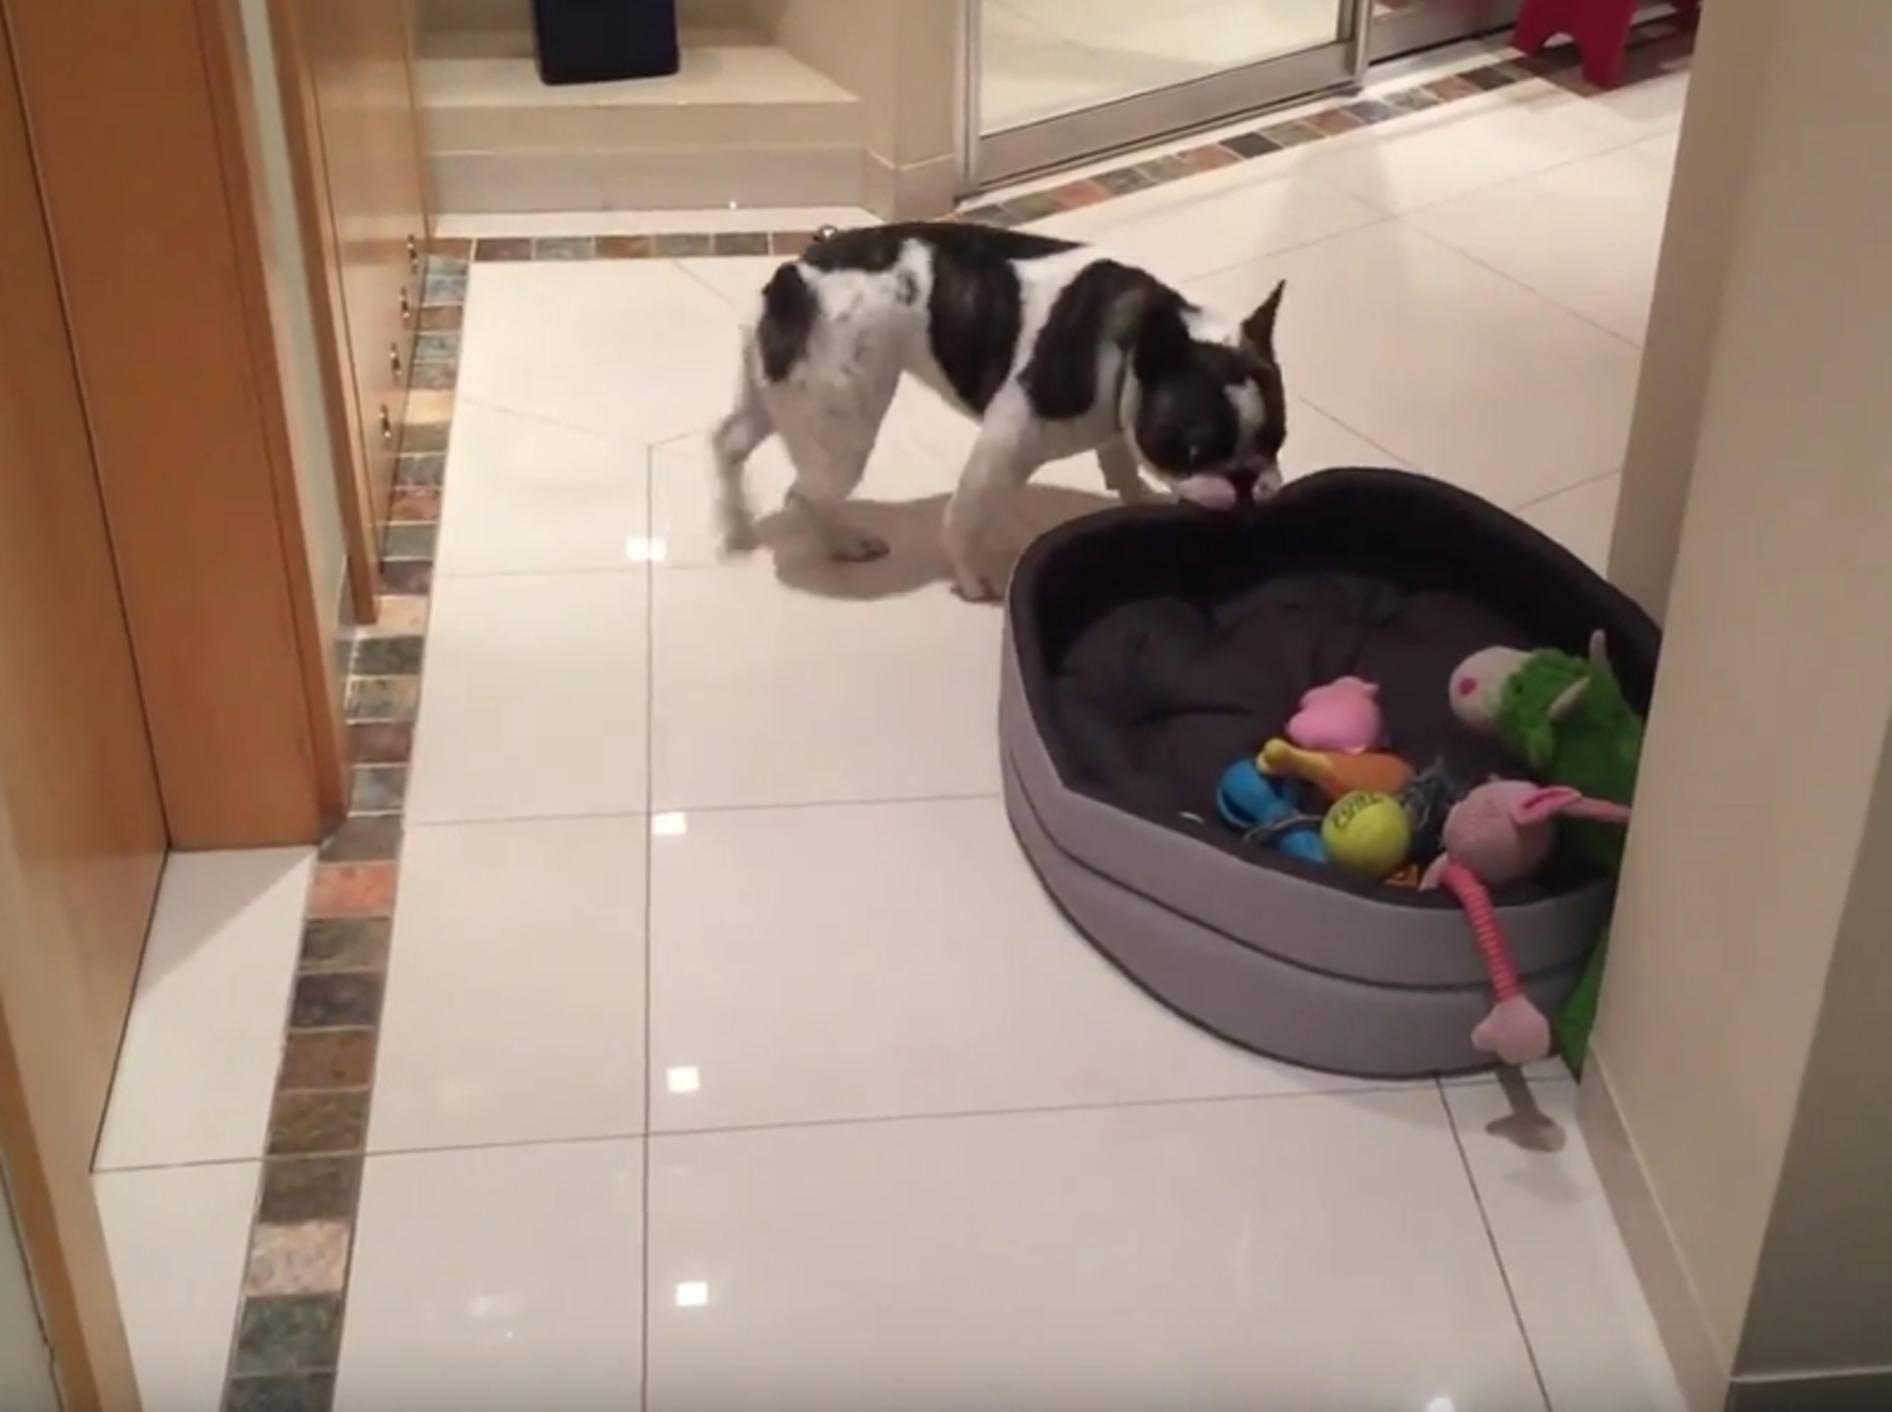 Knuffige Französische Bulldogge überwältigt vom neuen Bettchen – Bild: YouTube / Rumble Viral